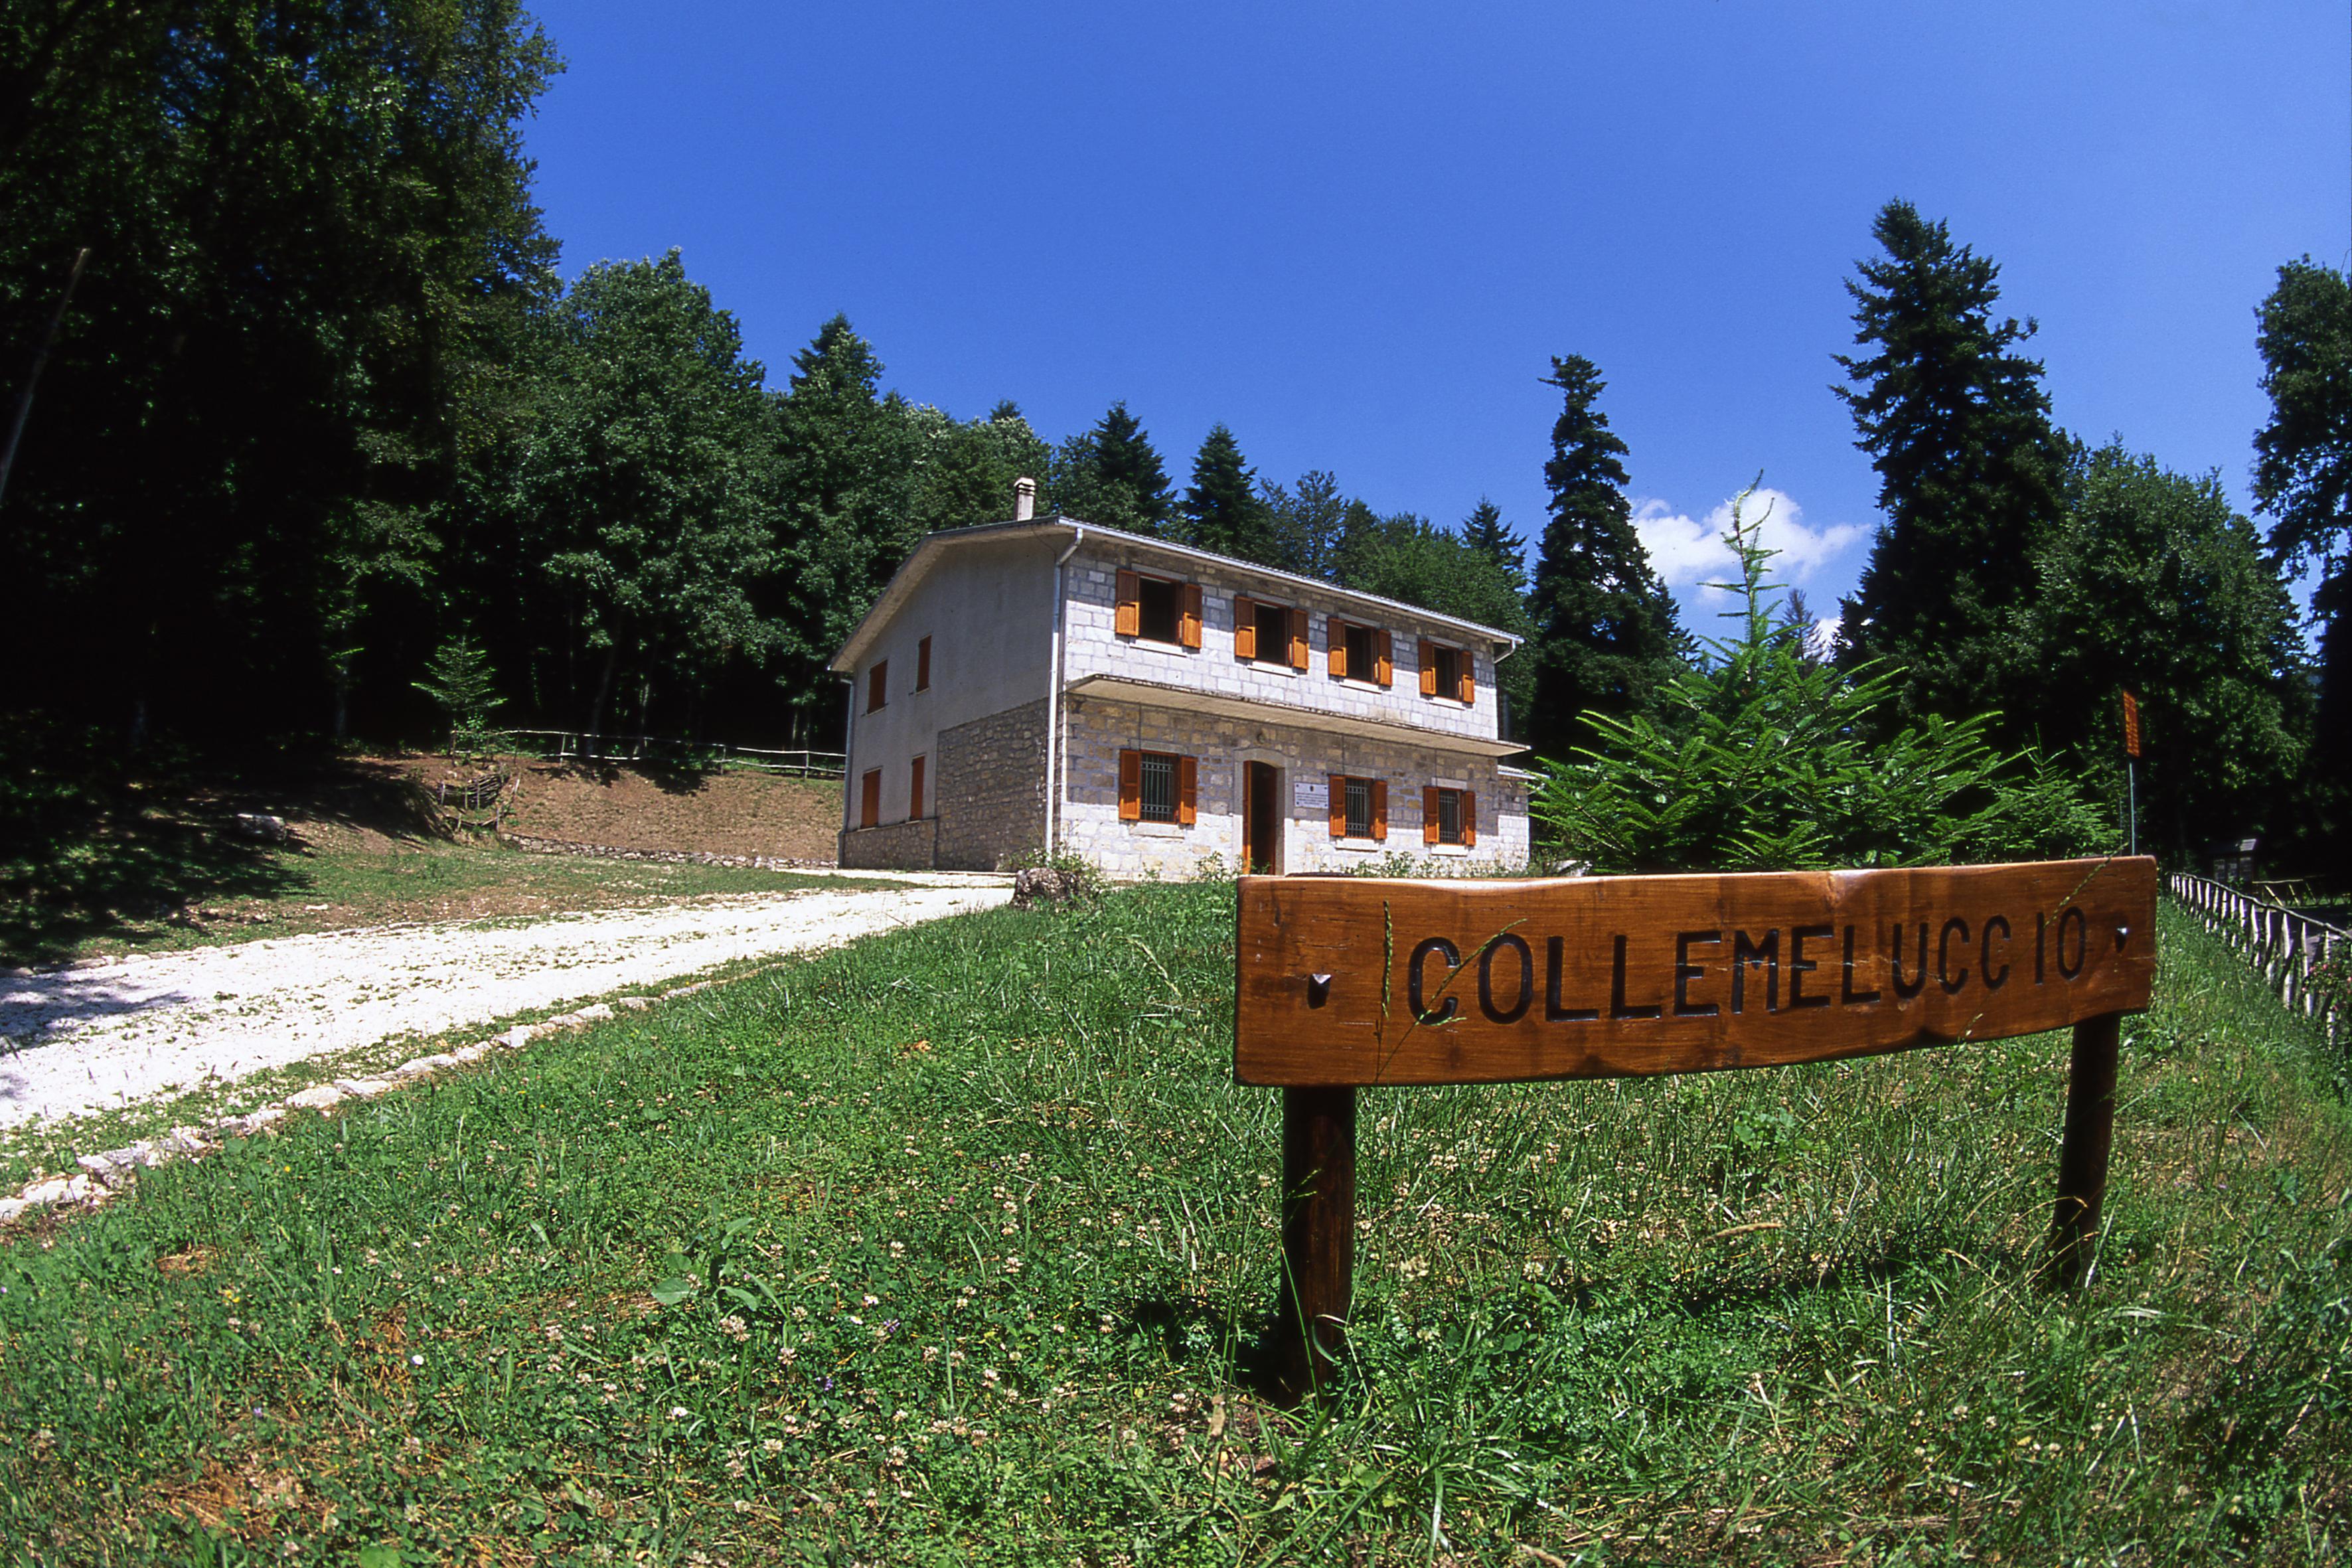 Bosco-di-Collemeluccio